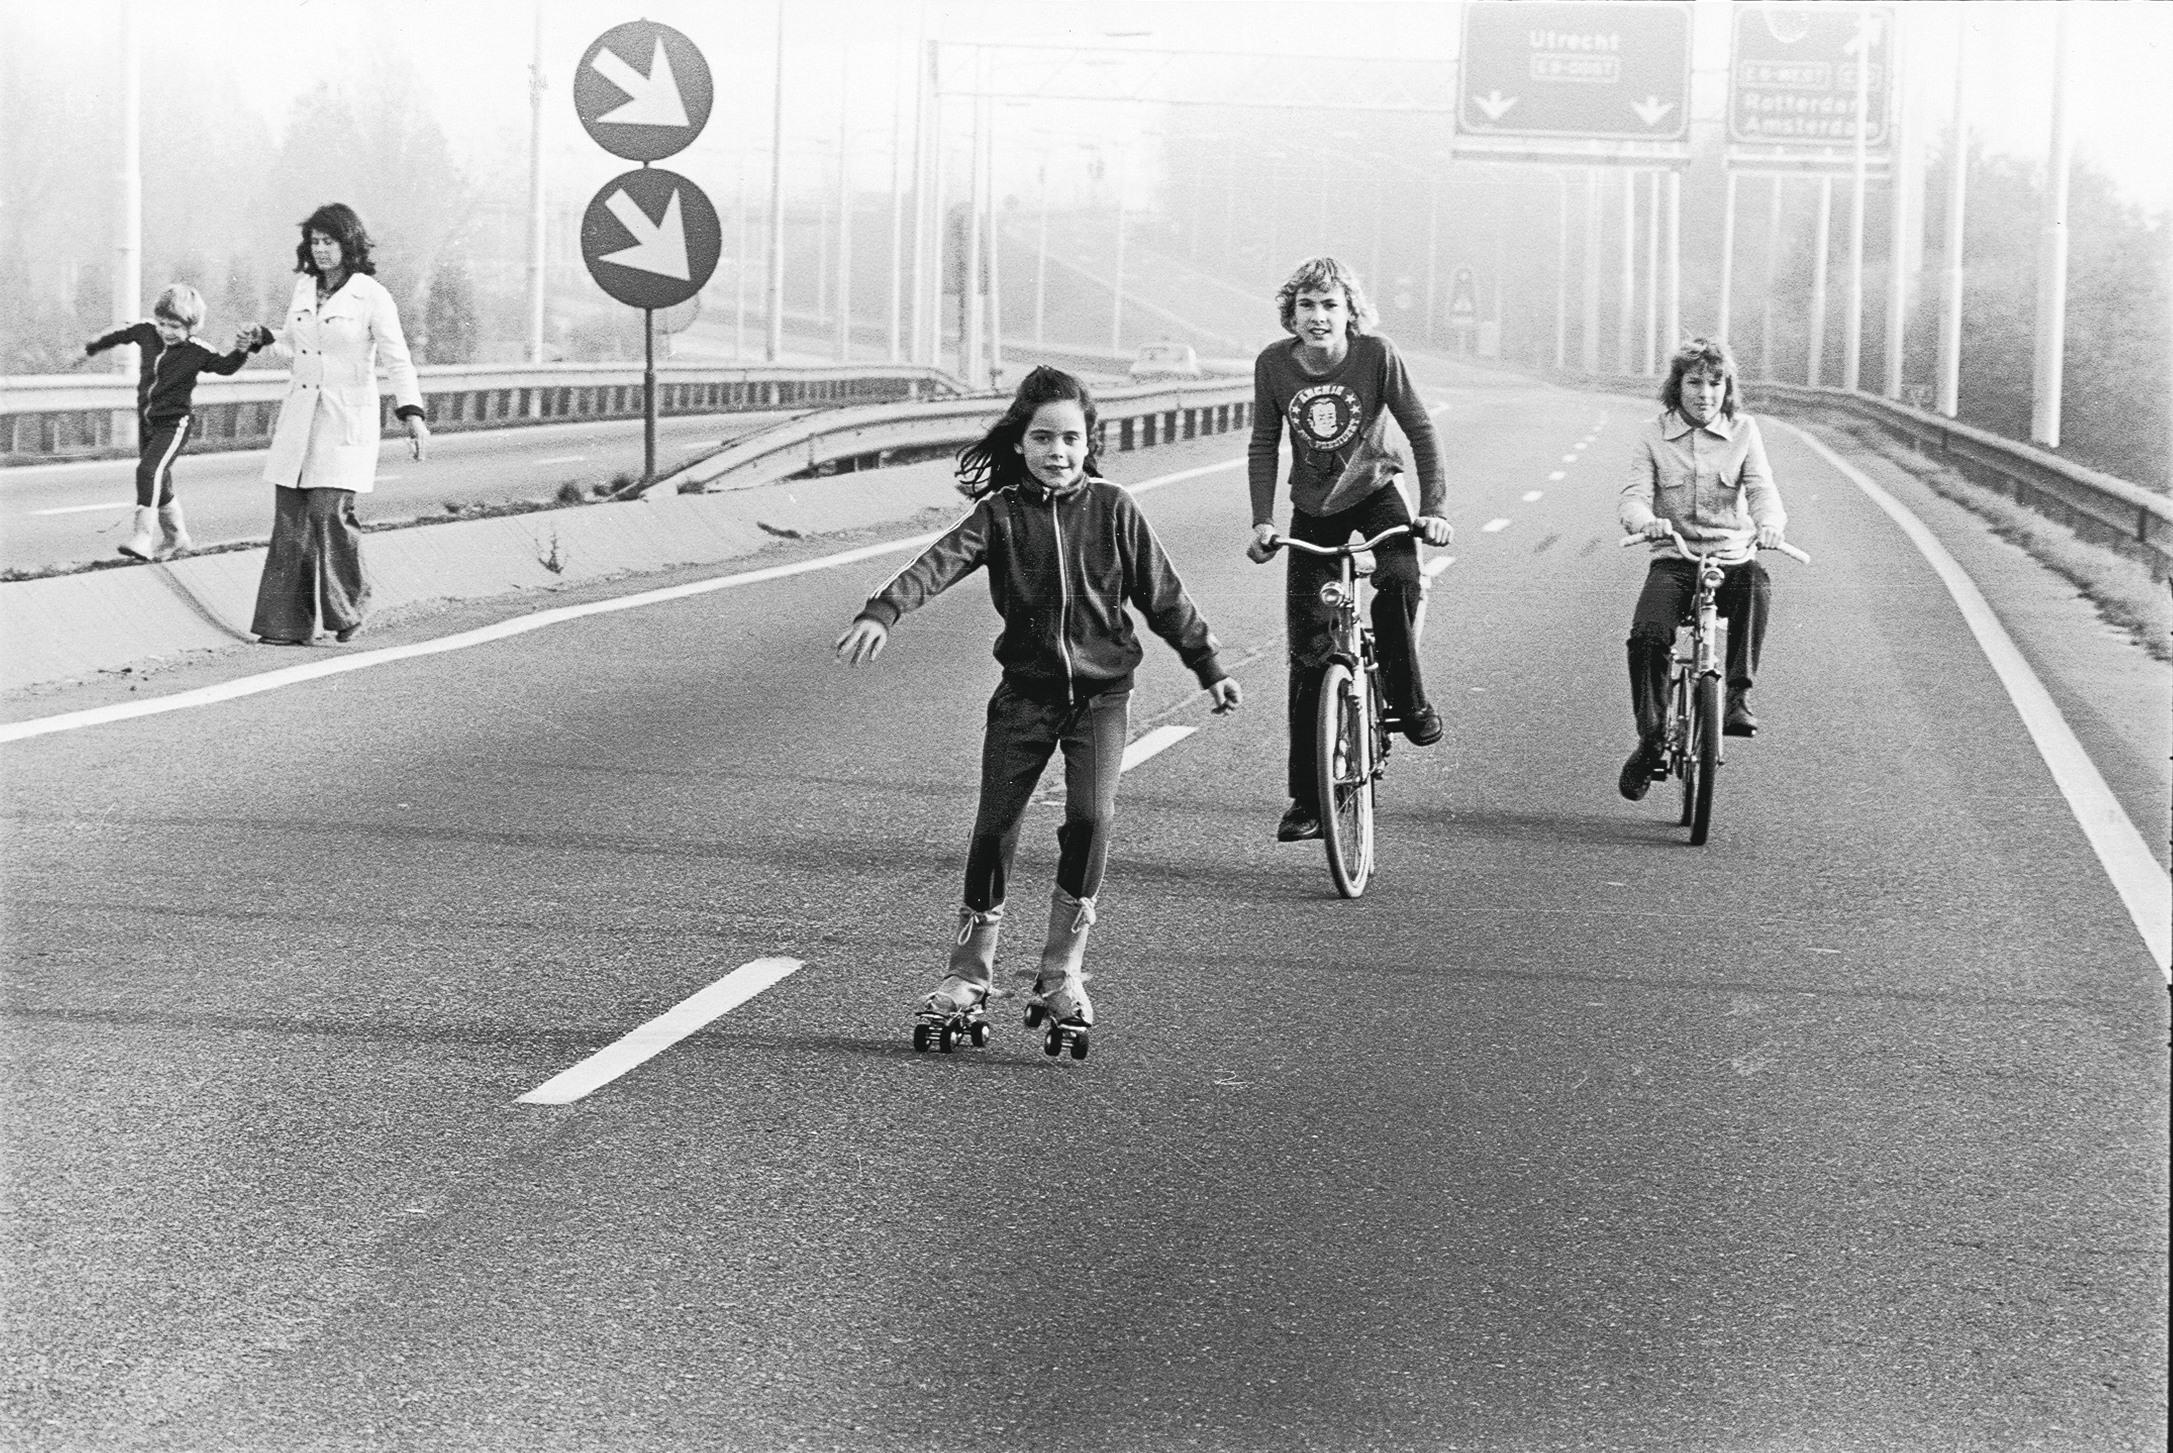 ES WAR EINMAL 1973, während der Ölkrise, galt an Sonntagen in mehreren Ländern Europas Fahrverbot und die Kinder eroberten die Autobahnen für sich